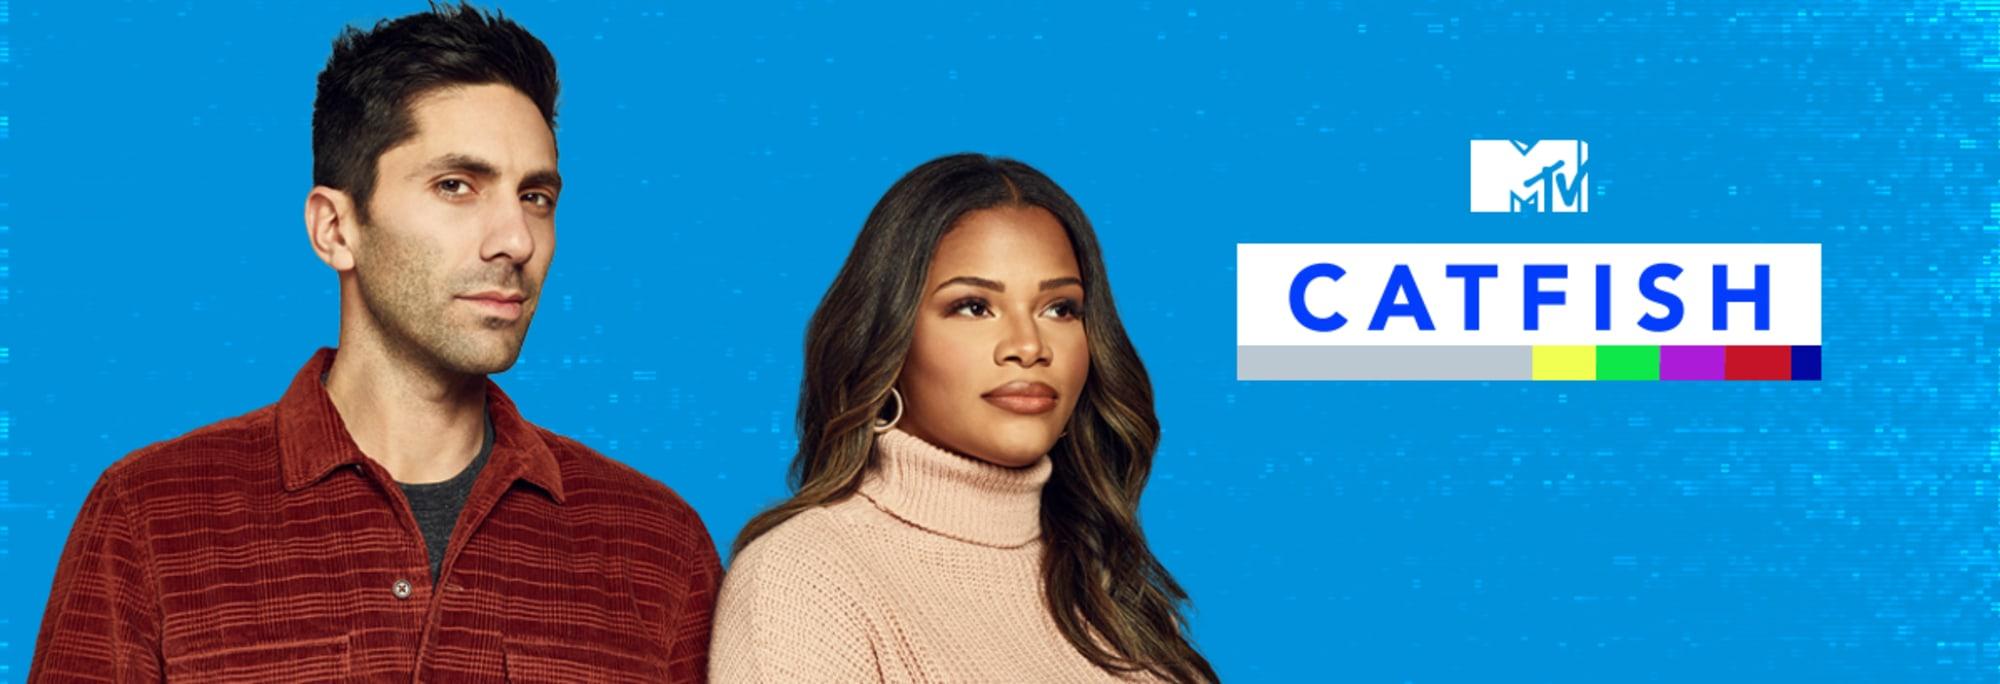 MTV's Catfish: Watch Season 8, Episode 18 Ryan and Micah